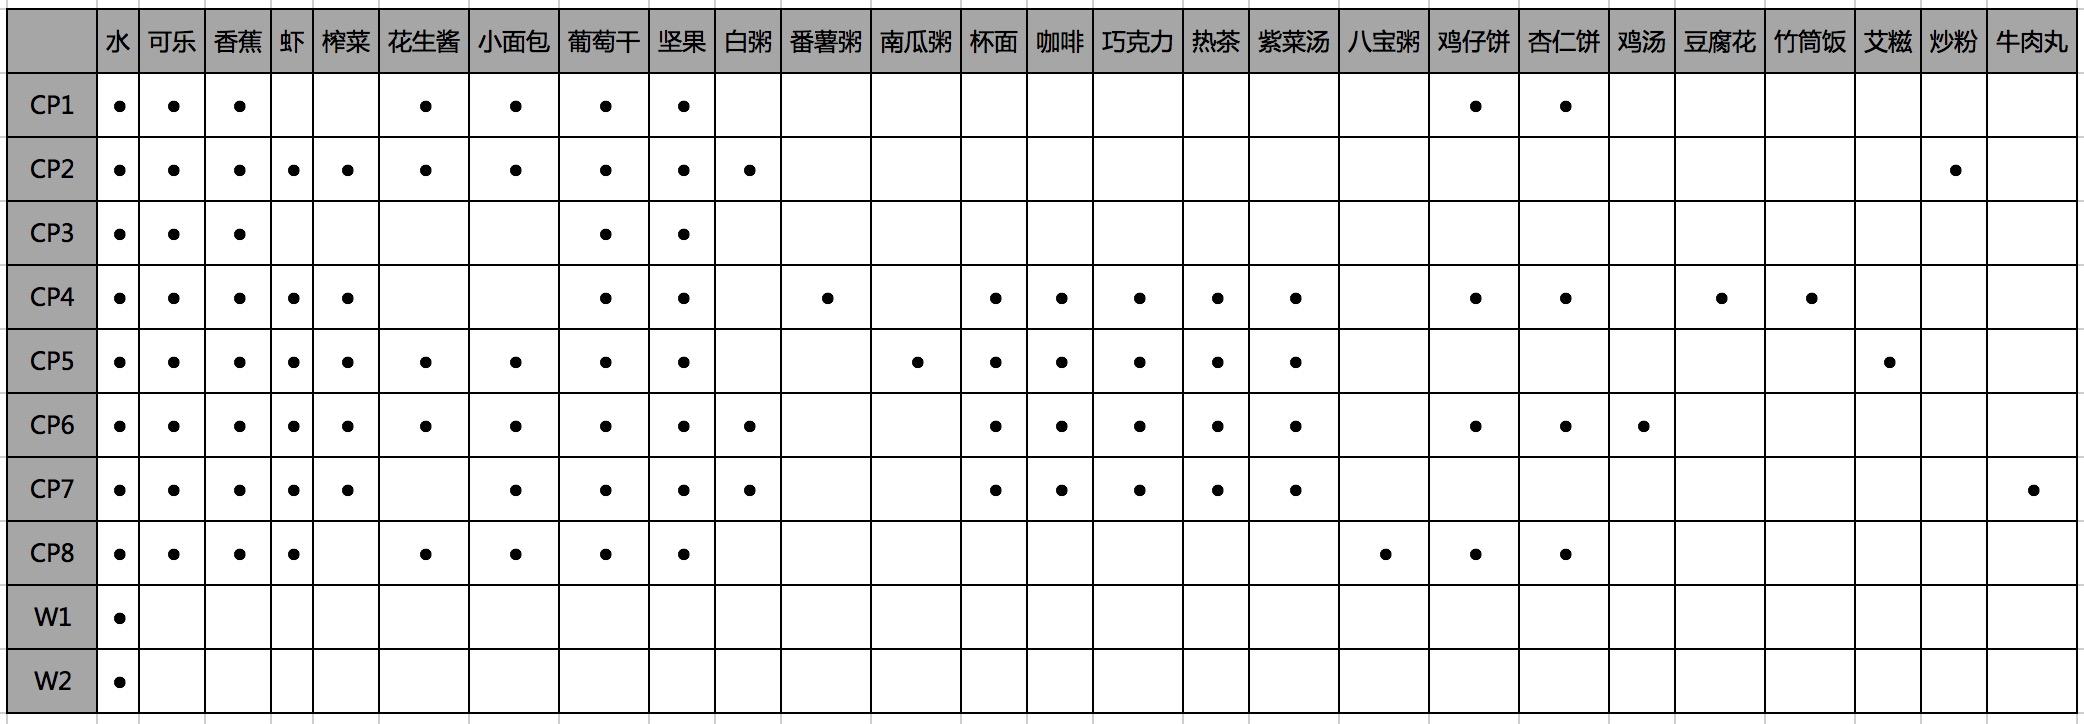 GZ100补给清单.jpg